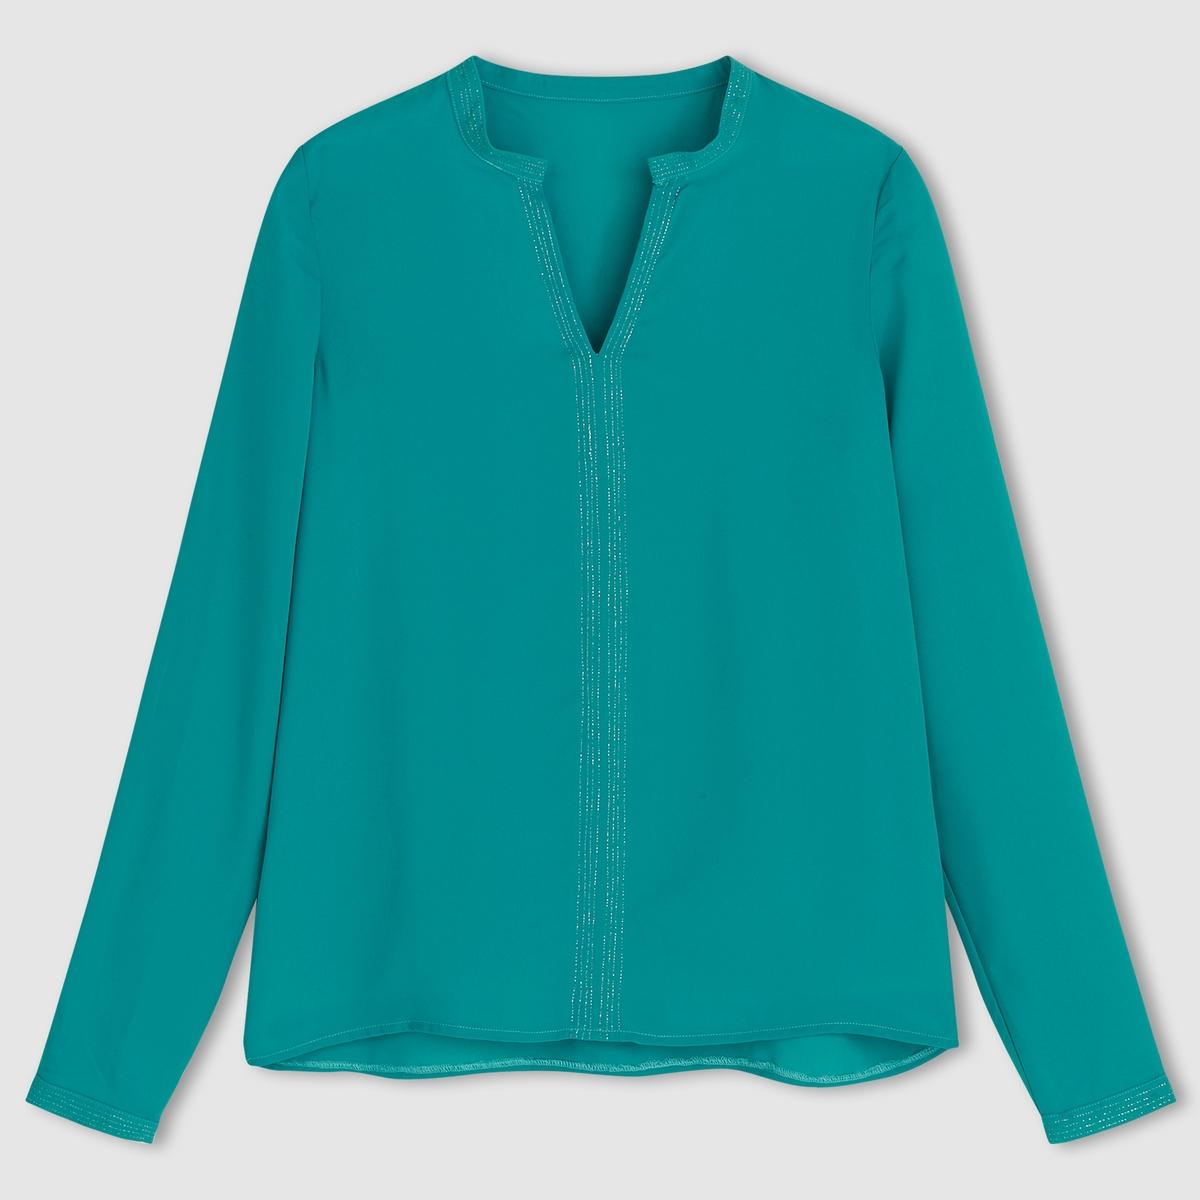 Блузка однотонная с длинными рукавамиОднотонная блузка. Маленький воротник мао. Длинные рукава. 100% полиэстера . Прострочка металлизированными нитями. Длина 59 см.<br><br>Цвет: Голубая лагуна,слоновая кость<br>Размер: 48 (FR) - 54 (RUS).46 (FR) - 52 (RUS)